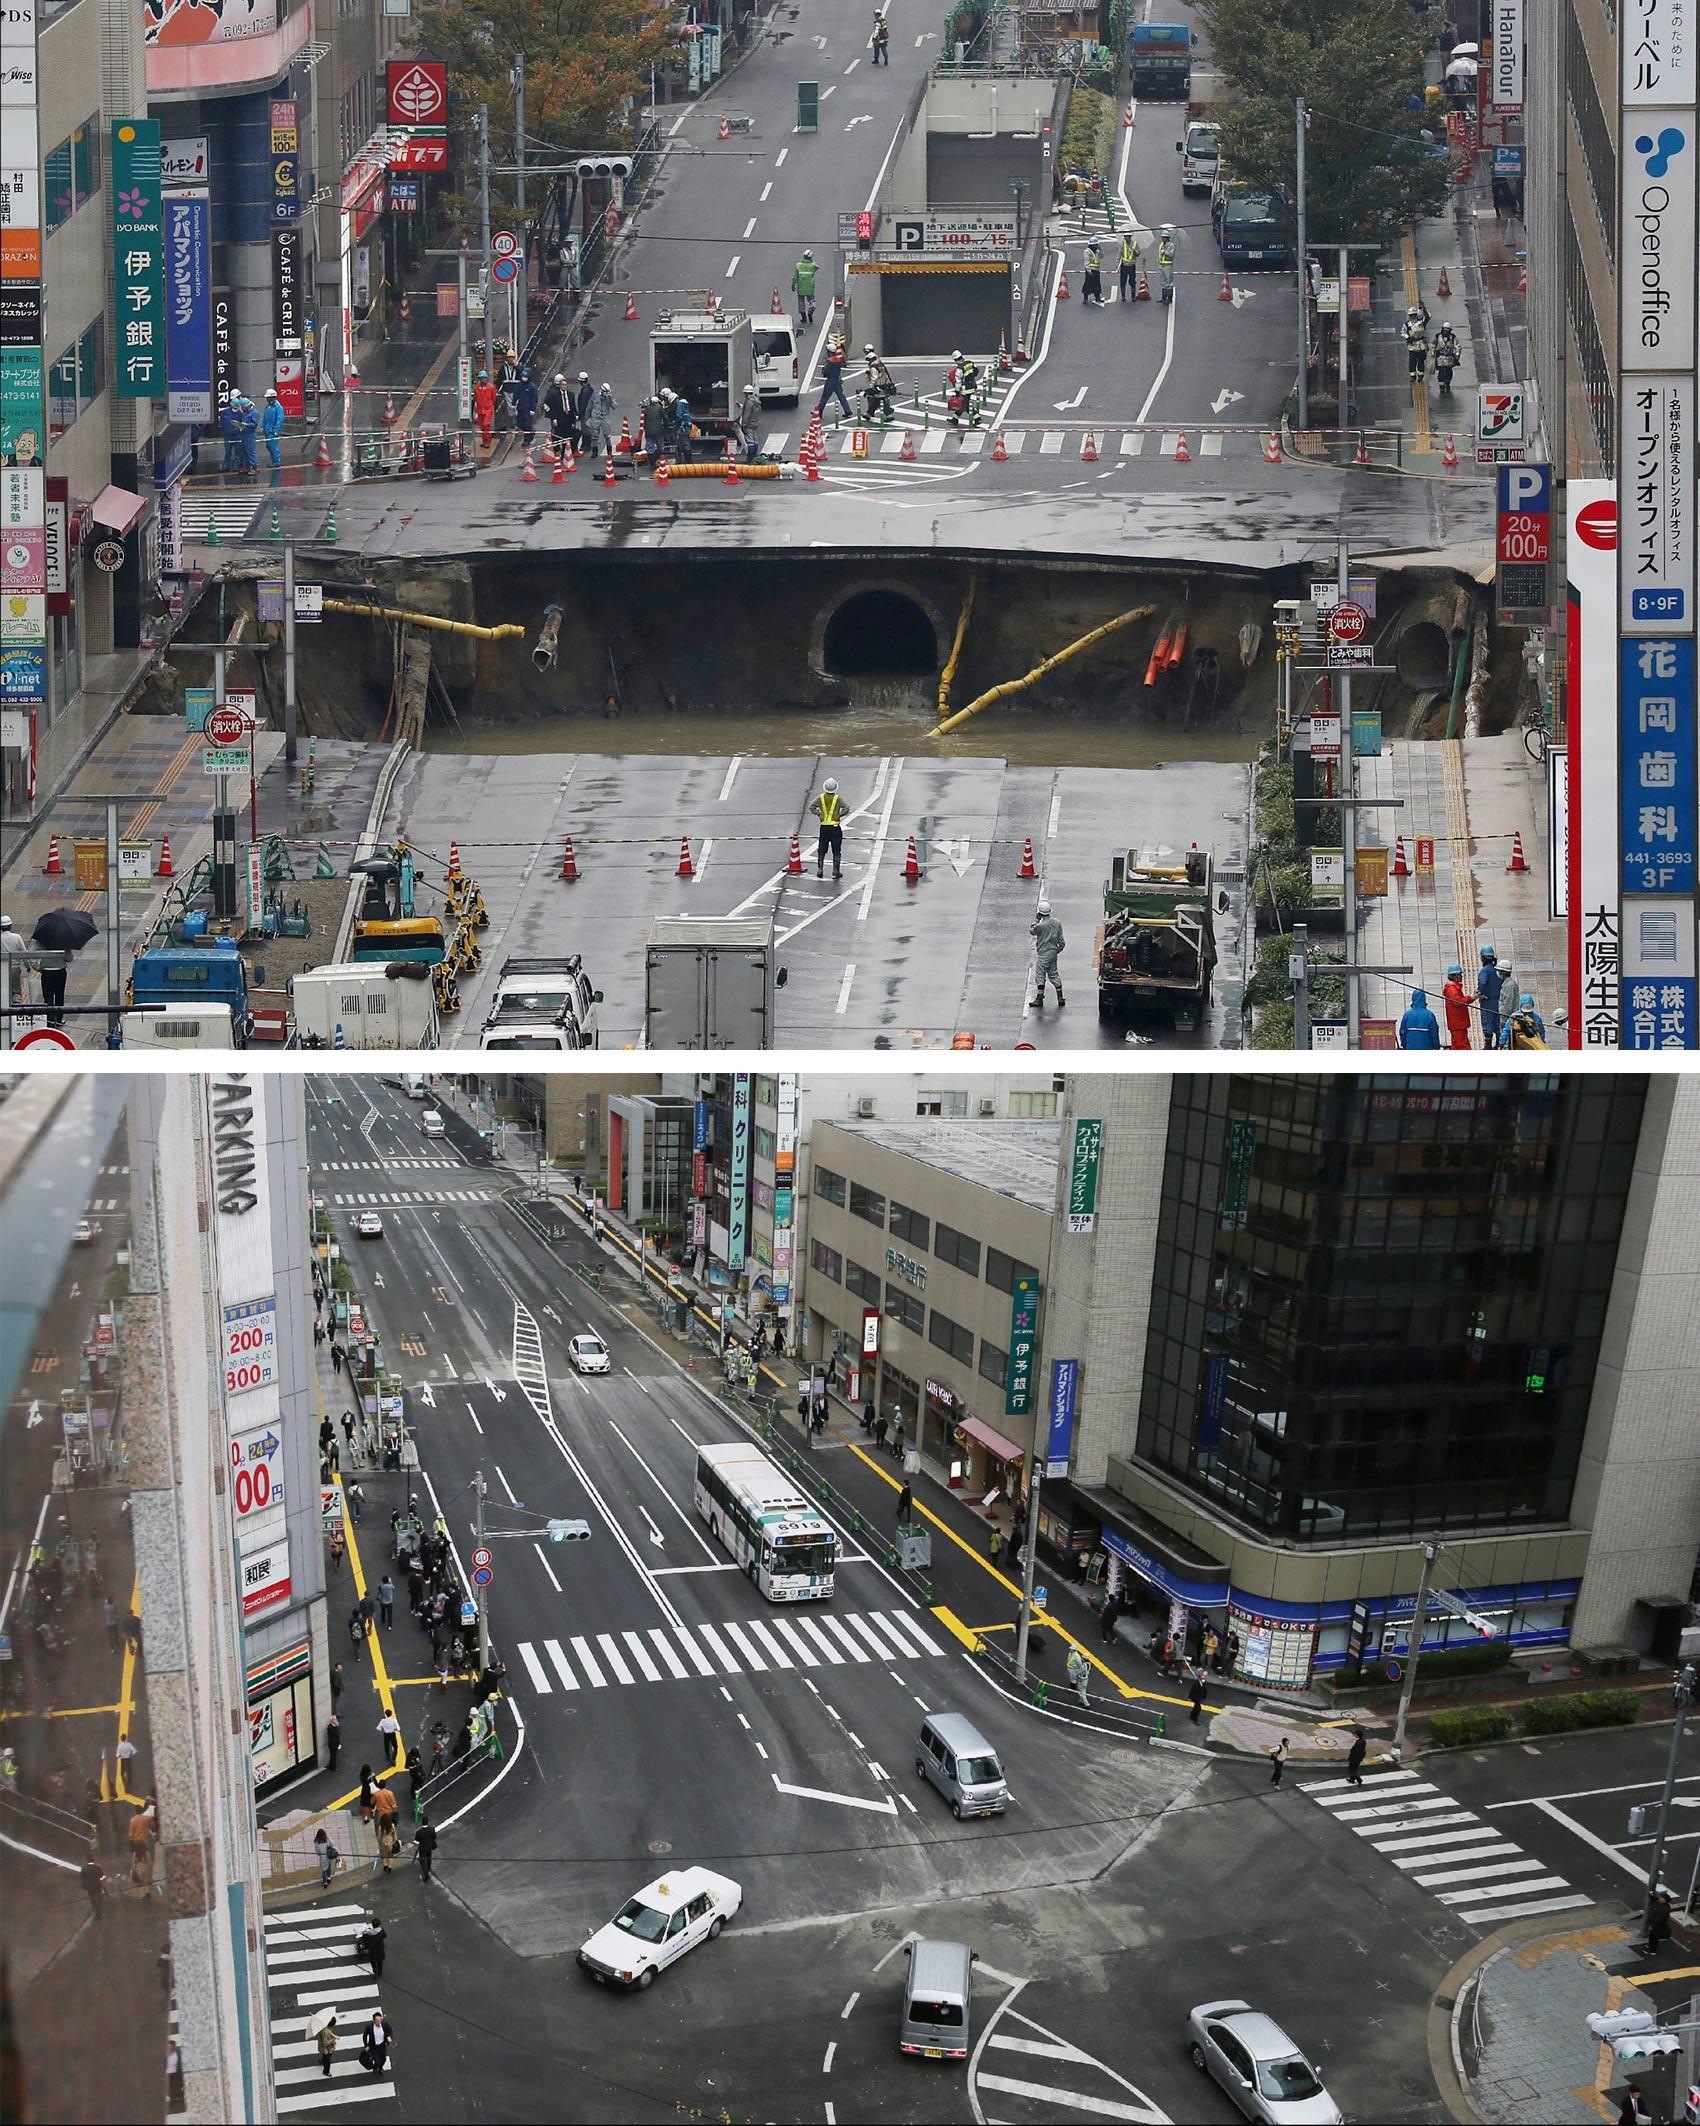 Operários trabalharam dia e noite para consertar a cratera (Foto: Jiji Press/AFP)